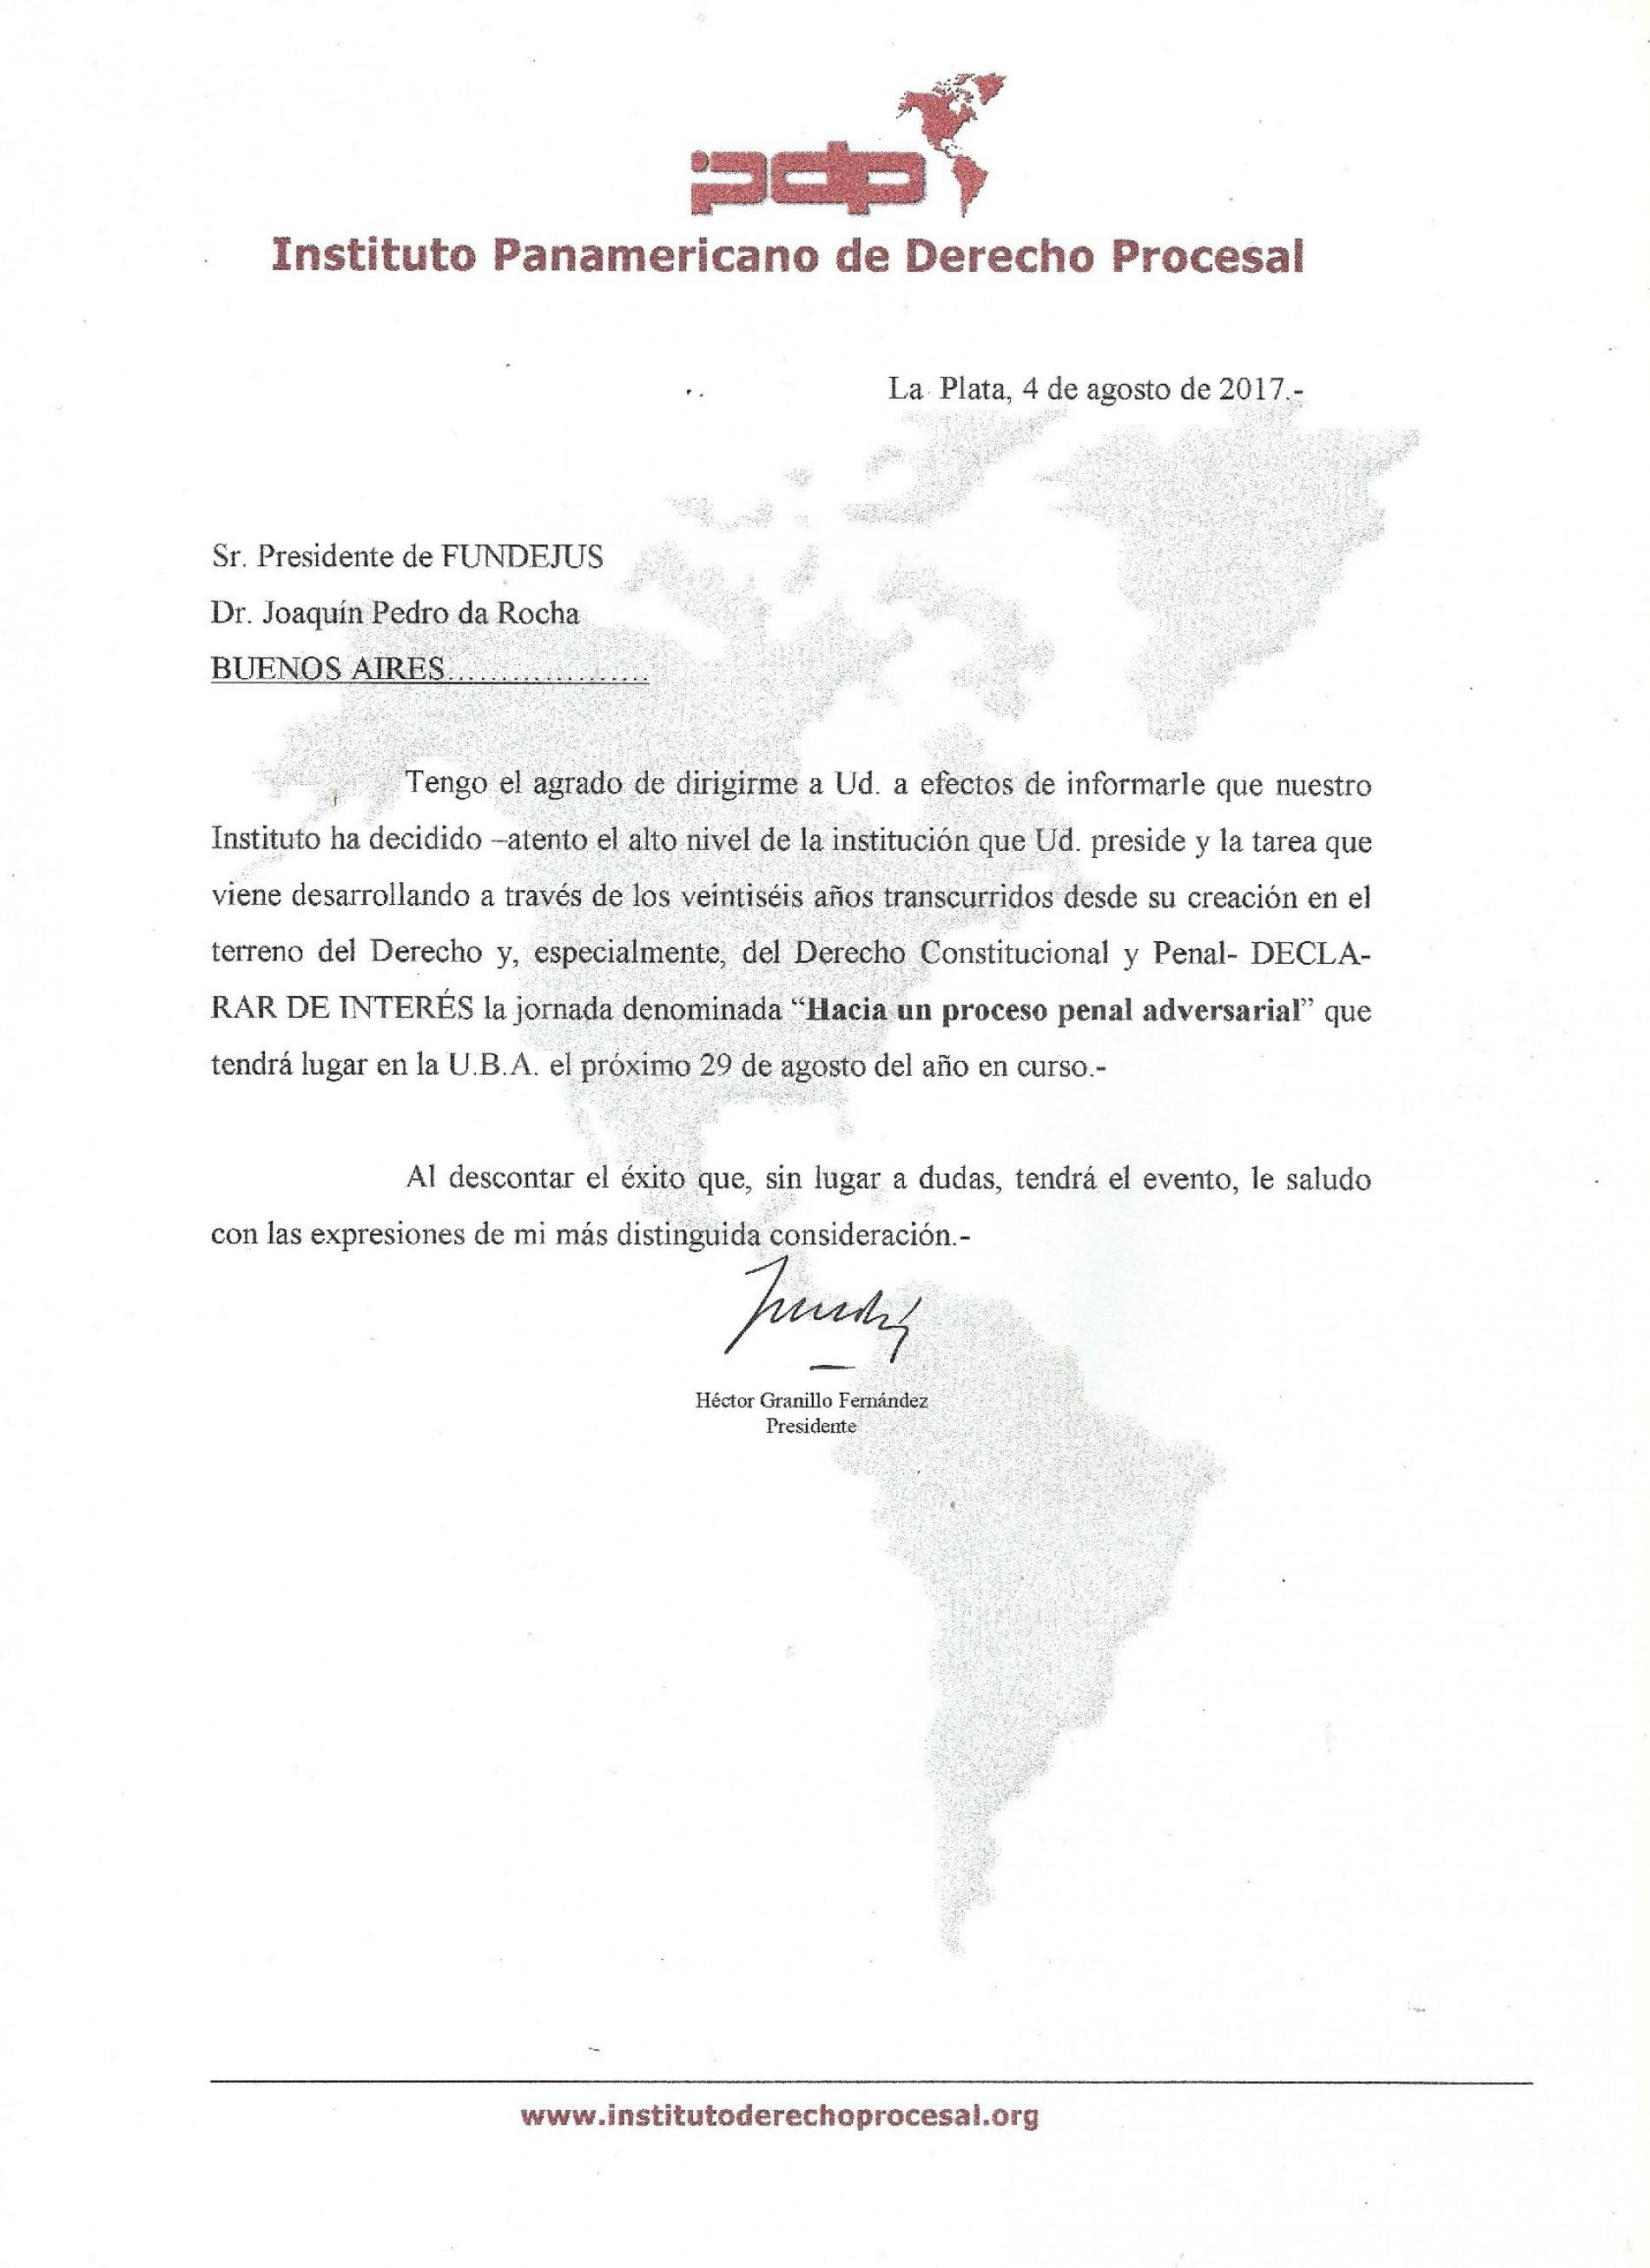 » Hacia un proceso penal adversarial «: Declaración de interés del Instituto Panamericano de Derecho Procesal